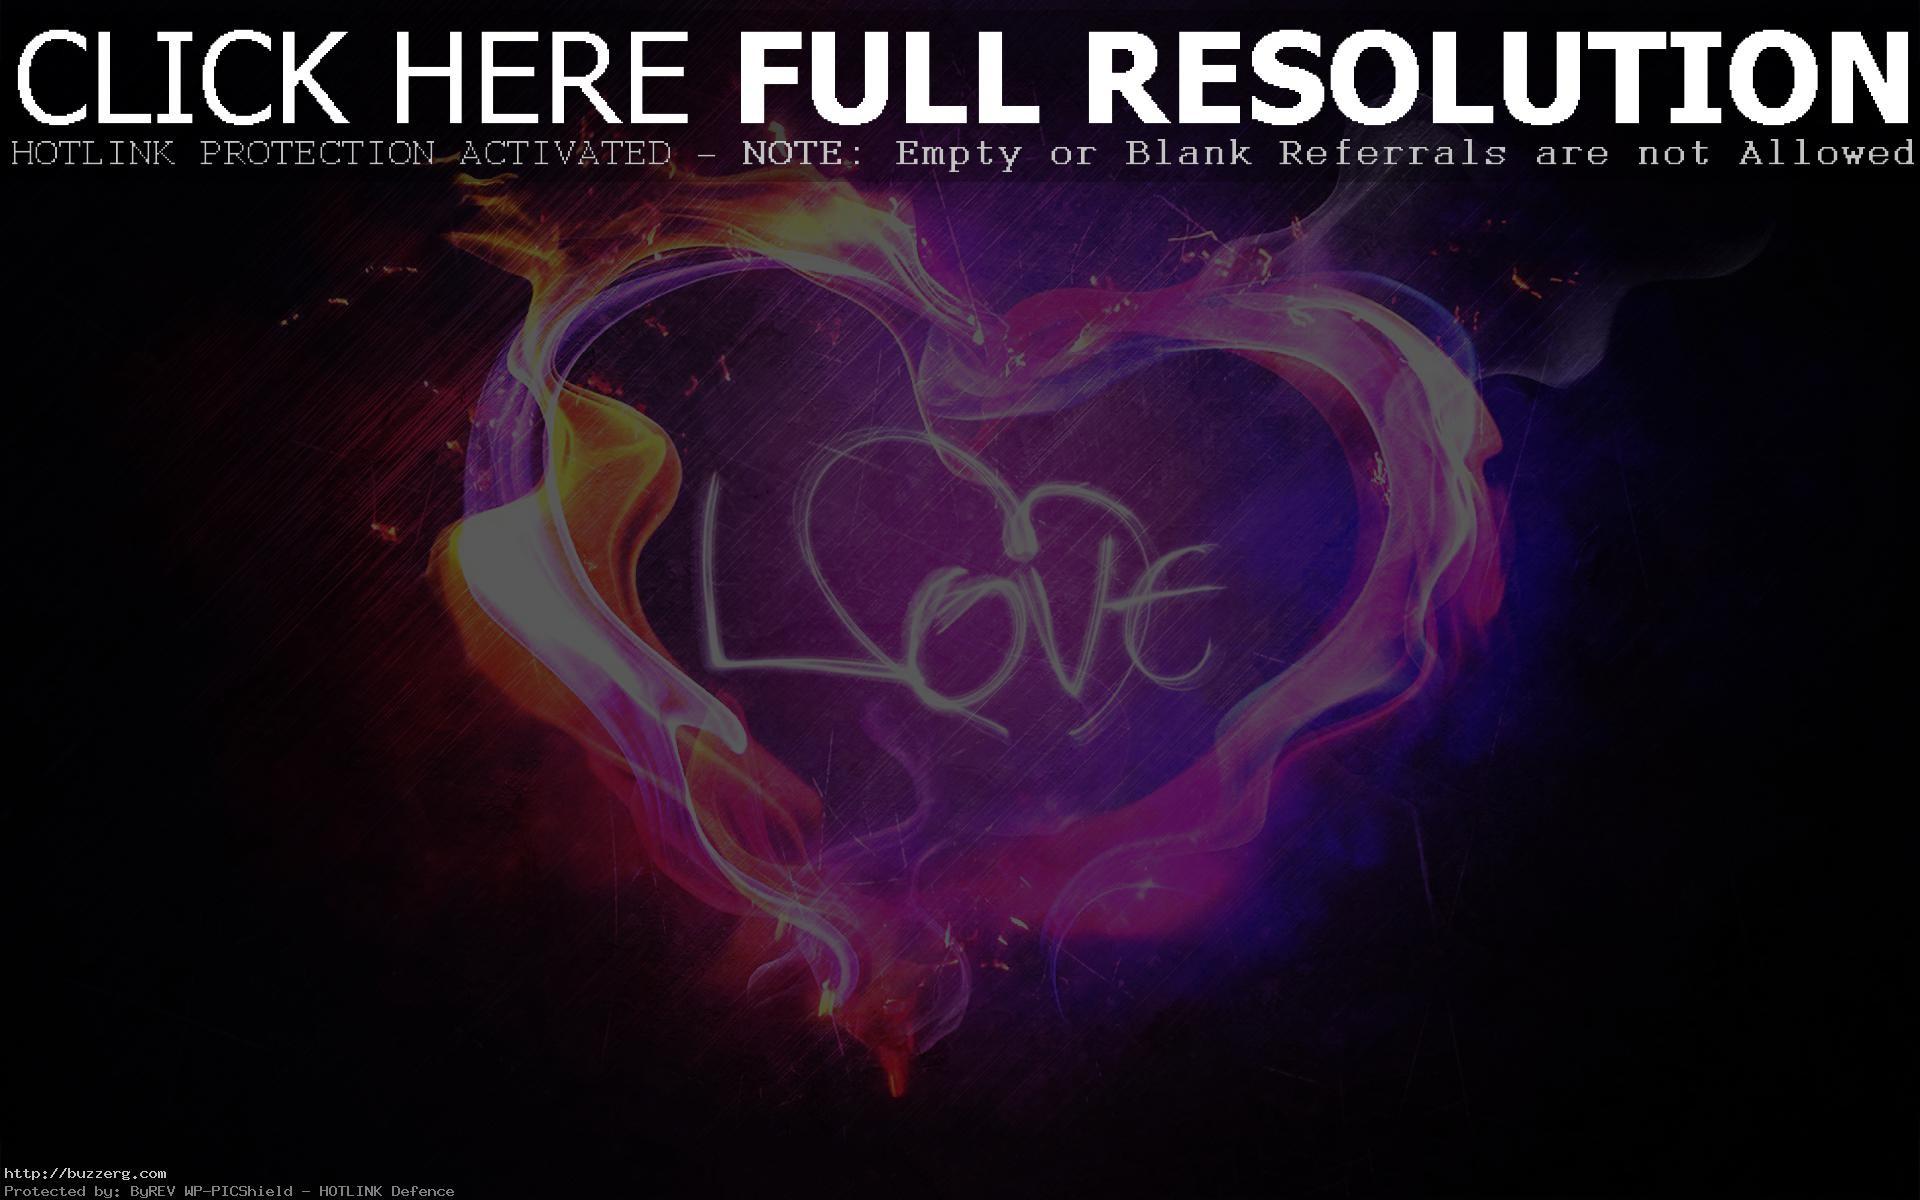 Purple Love Heart (id: 22531)